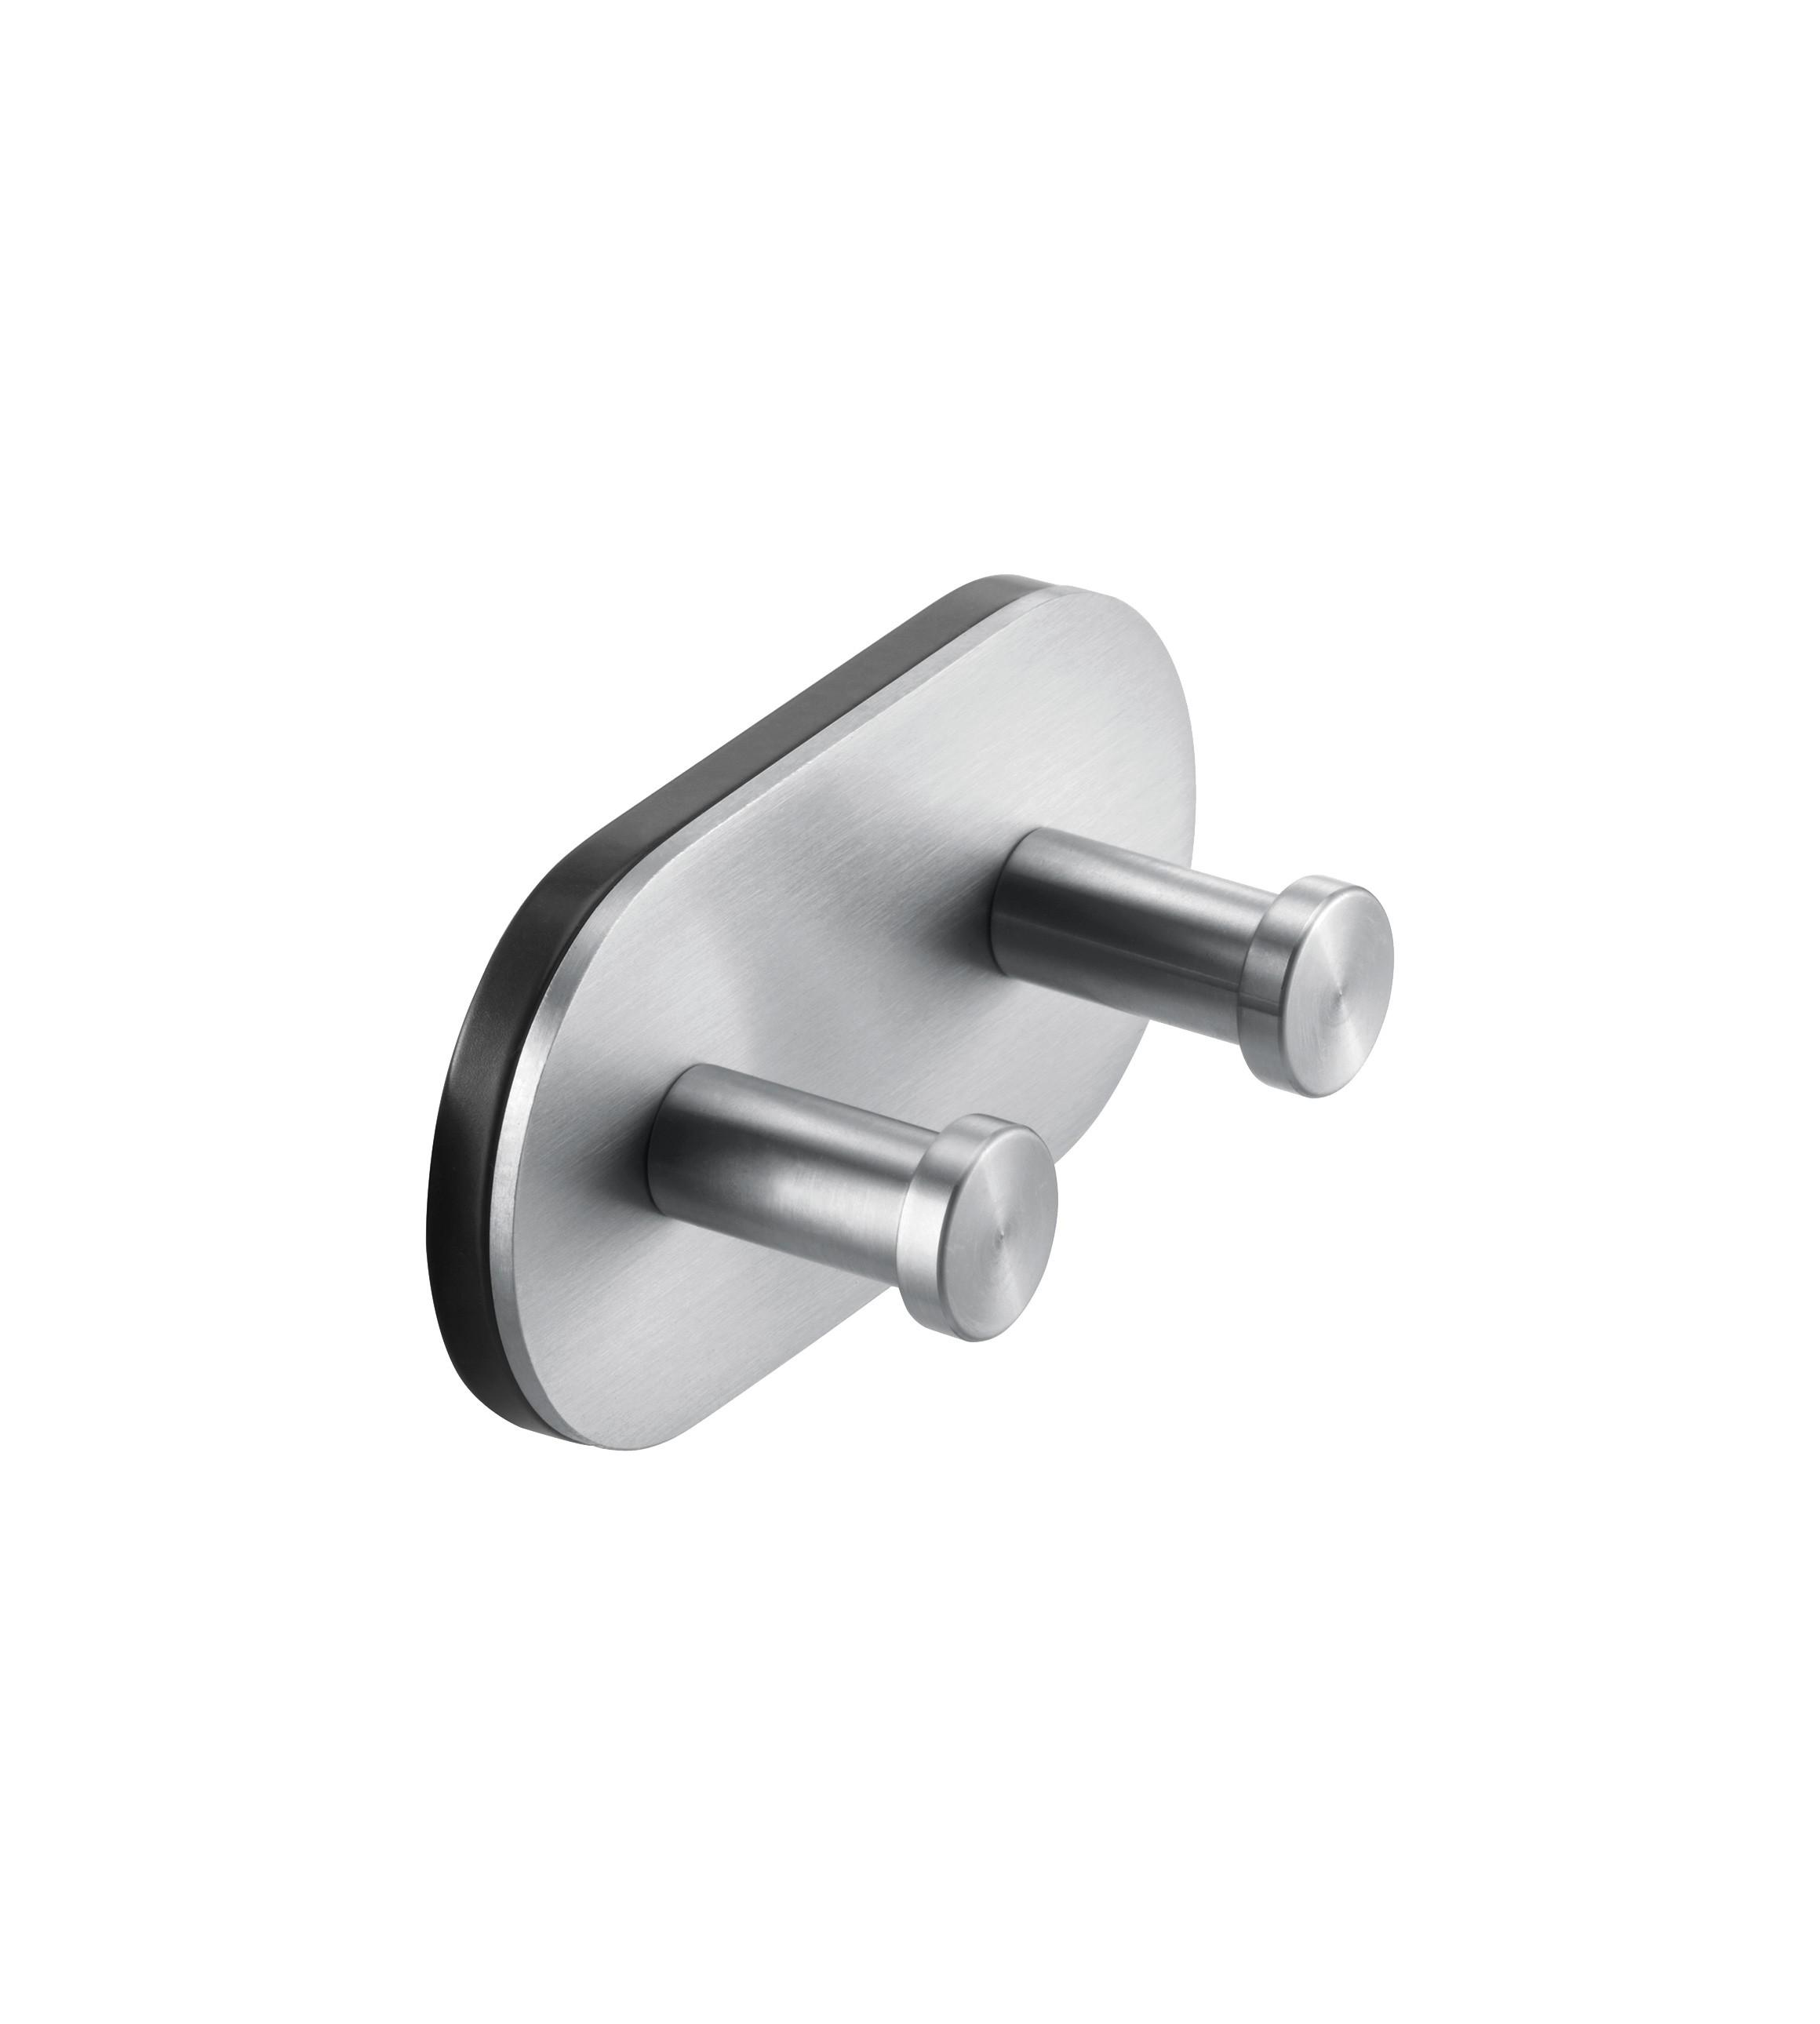 FSB Doppel-Wandhaken Edelstahl polinksert/ Edelstahl metallinksc (0 82 8260 00007 6524)